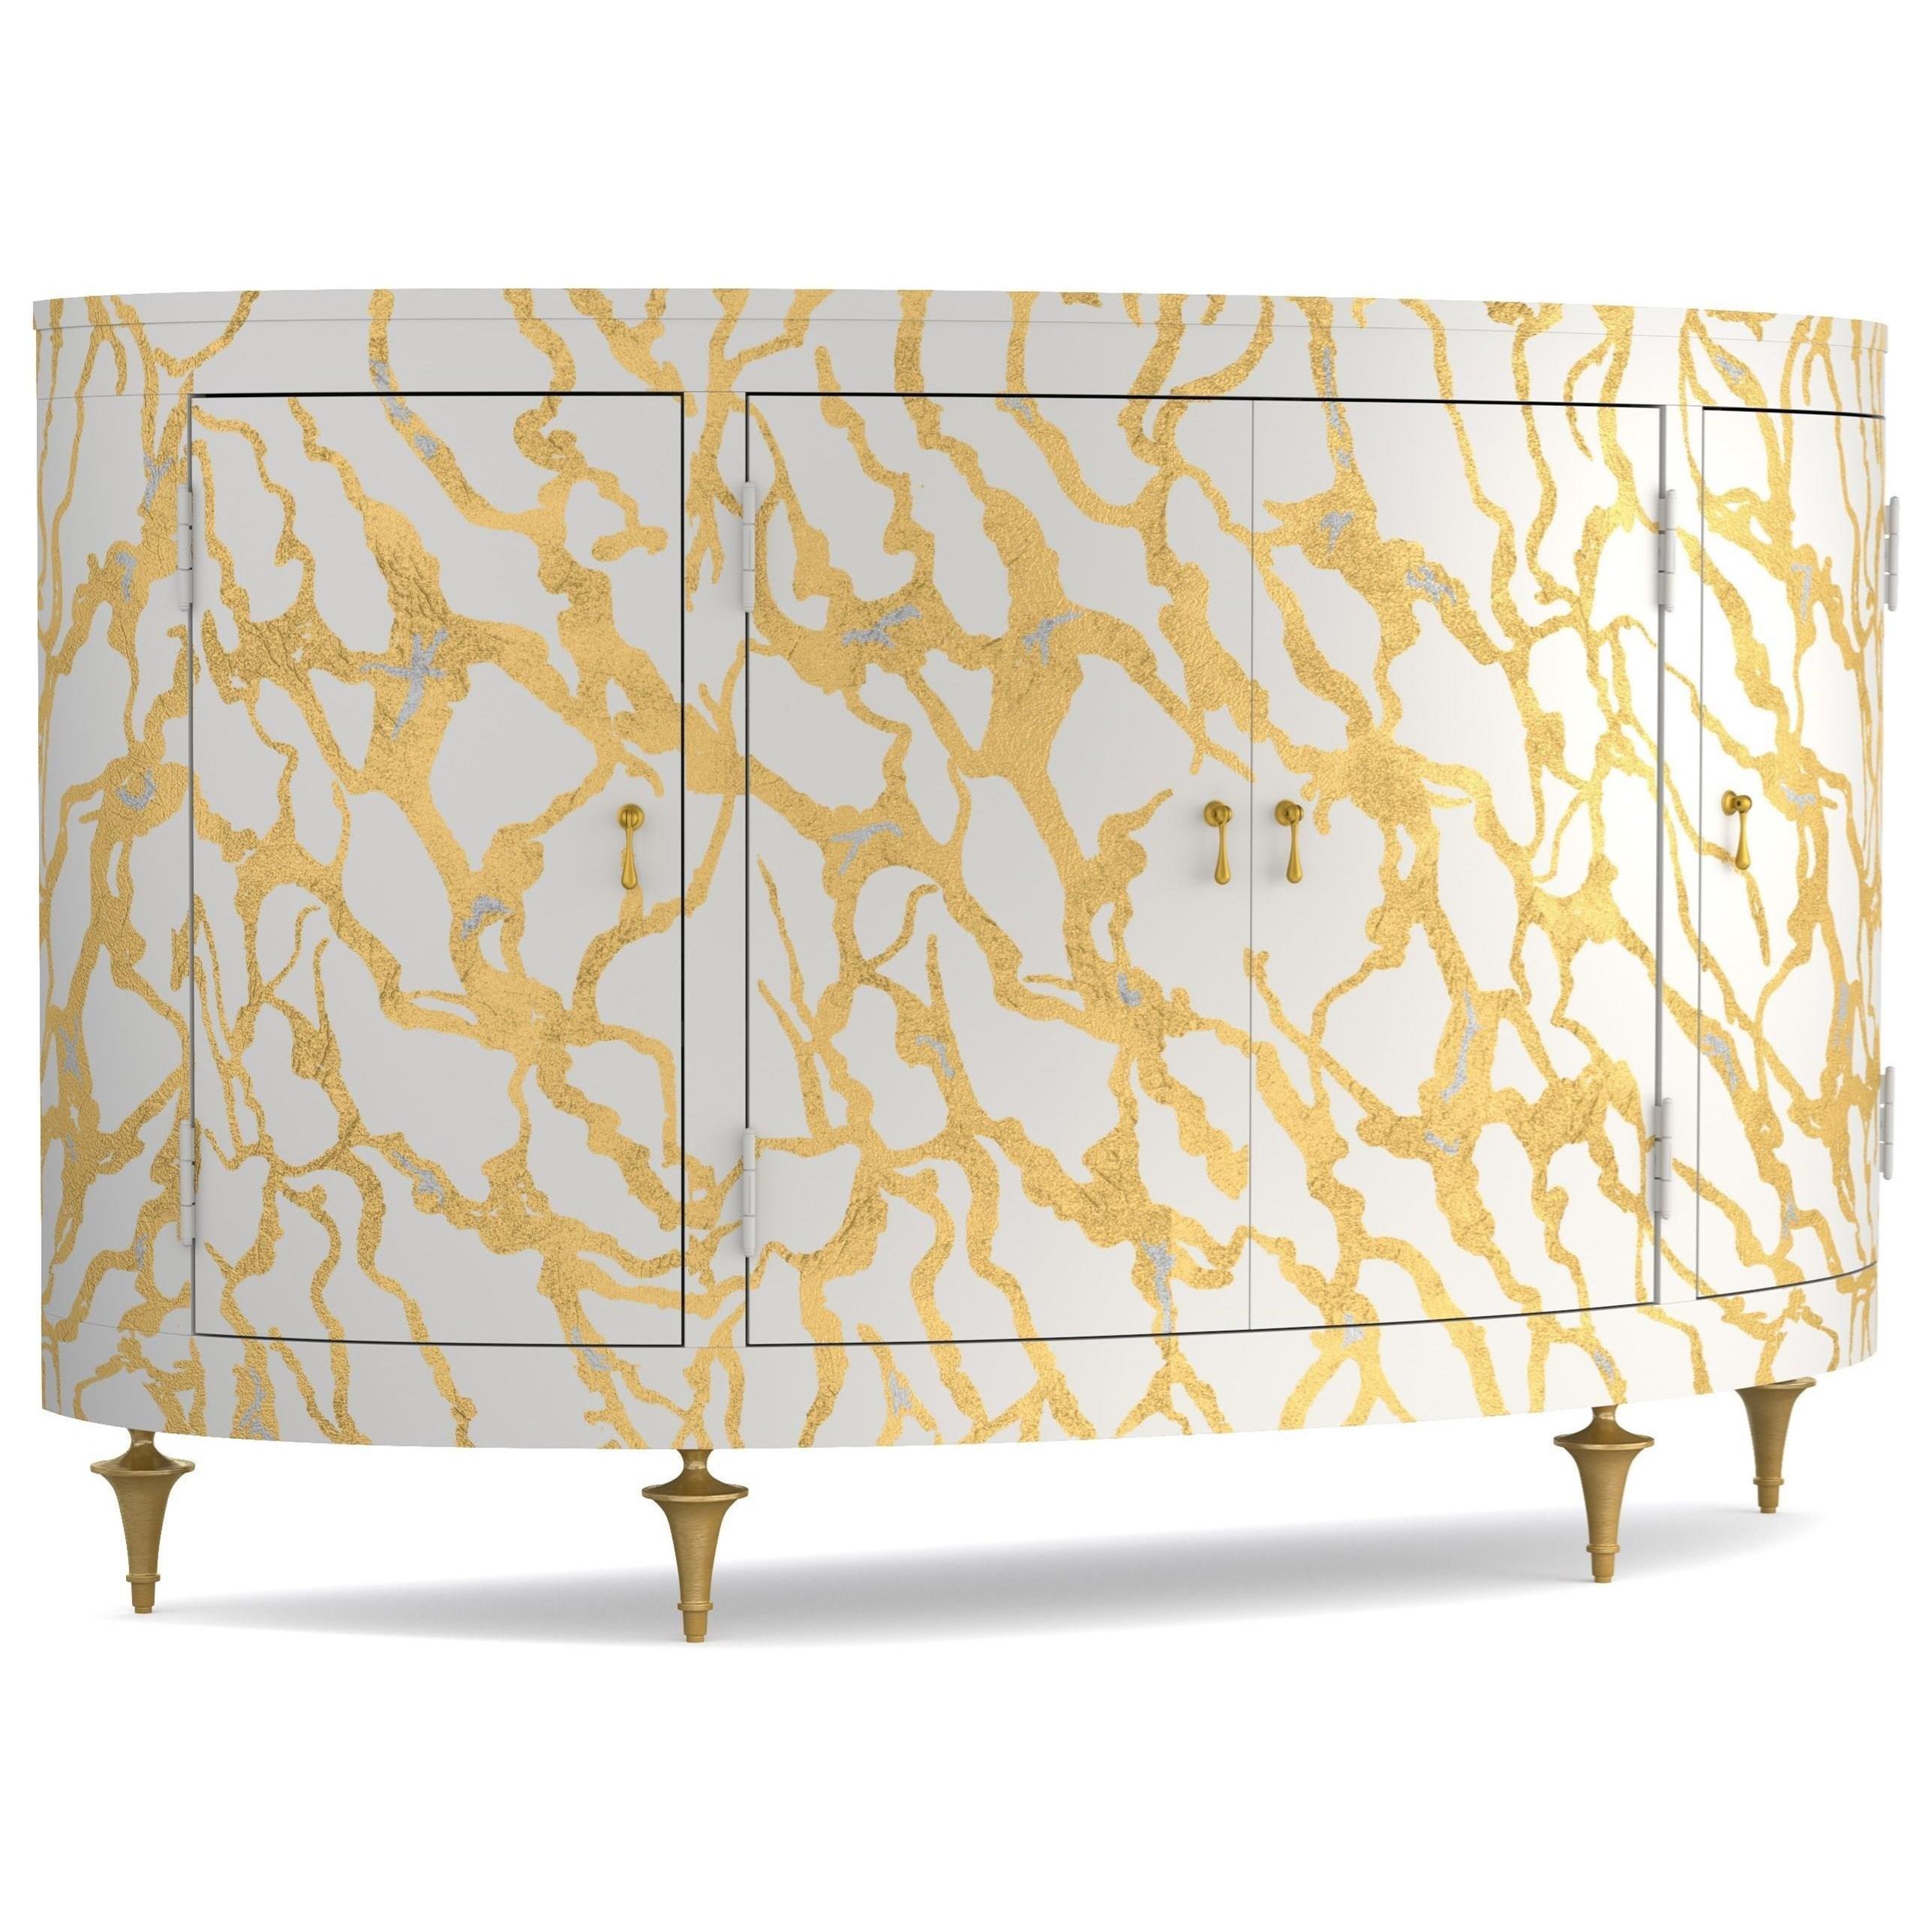 Cynthia Rowley For Hooker Furniture Cynthia Rowley   CuriousVenus Demilune  ...